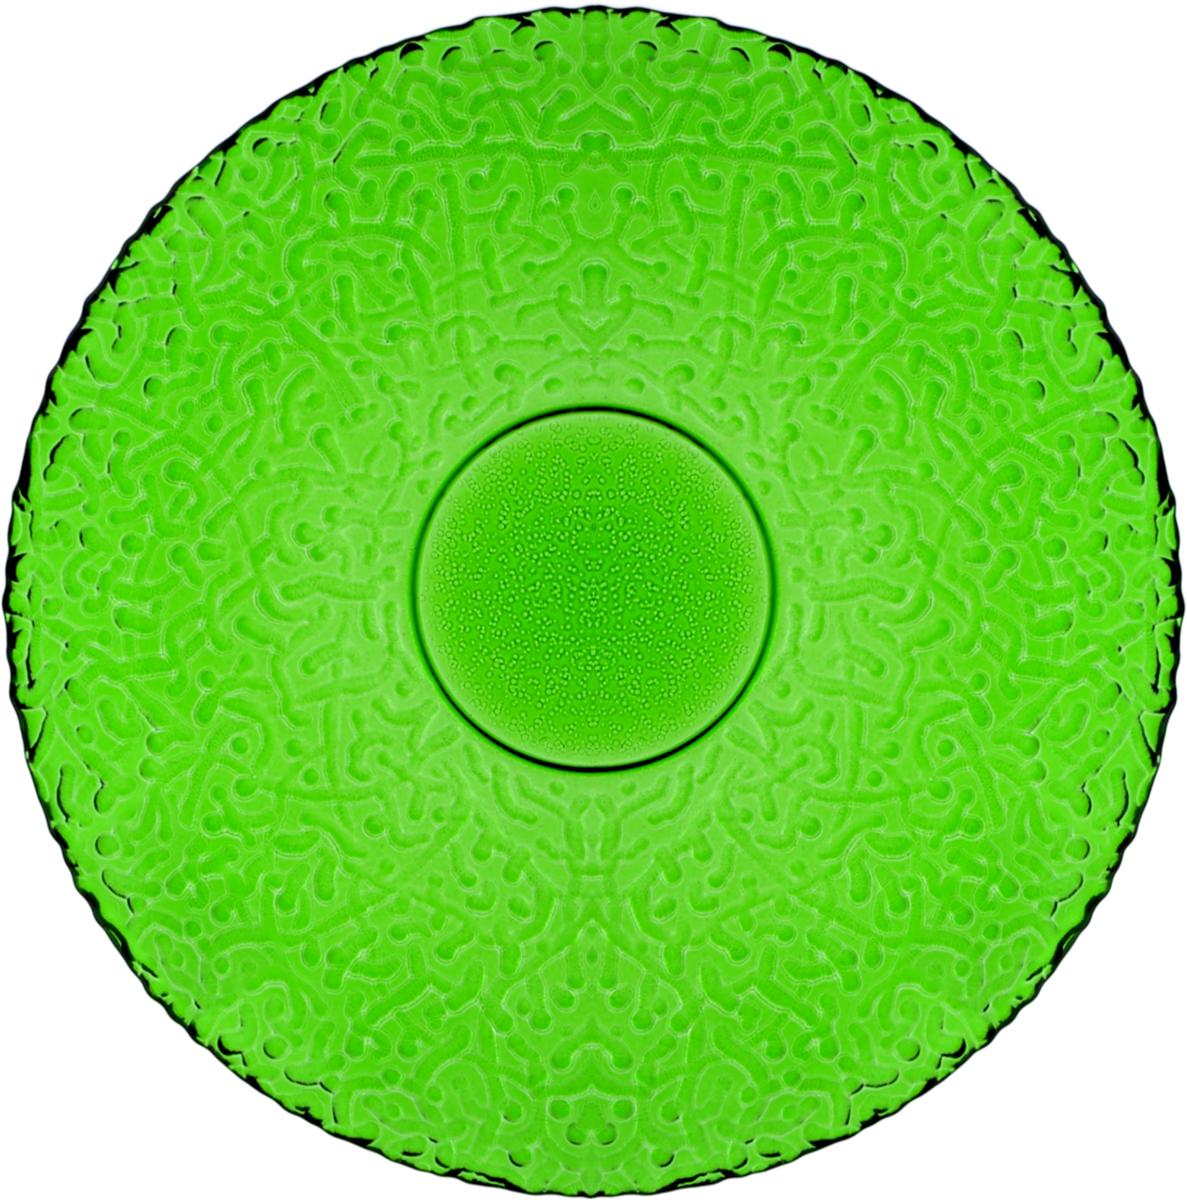 Тарелка десертная Nina Glass Ажур, цвет: темно-зеленый, диаметр 21 смNG83-070EСтеклянная посуда Никольского завода светотехнического стекла, известная под торговой маркой NinaGlass, успешно продается в российских магазинах. Продукция выглядит презентабельно, ассортимент весьма широк. Яркие, емкие, приятные тактильно салатники будут шикарно смотреться на обеденном столе. Салатники и блюда предназначены для сервировки стола. Пригодны для ежедневного использования.Цветные салатники и тарелки NinaGlass нельзя использовать в СВЧ и мыть в ПММ.